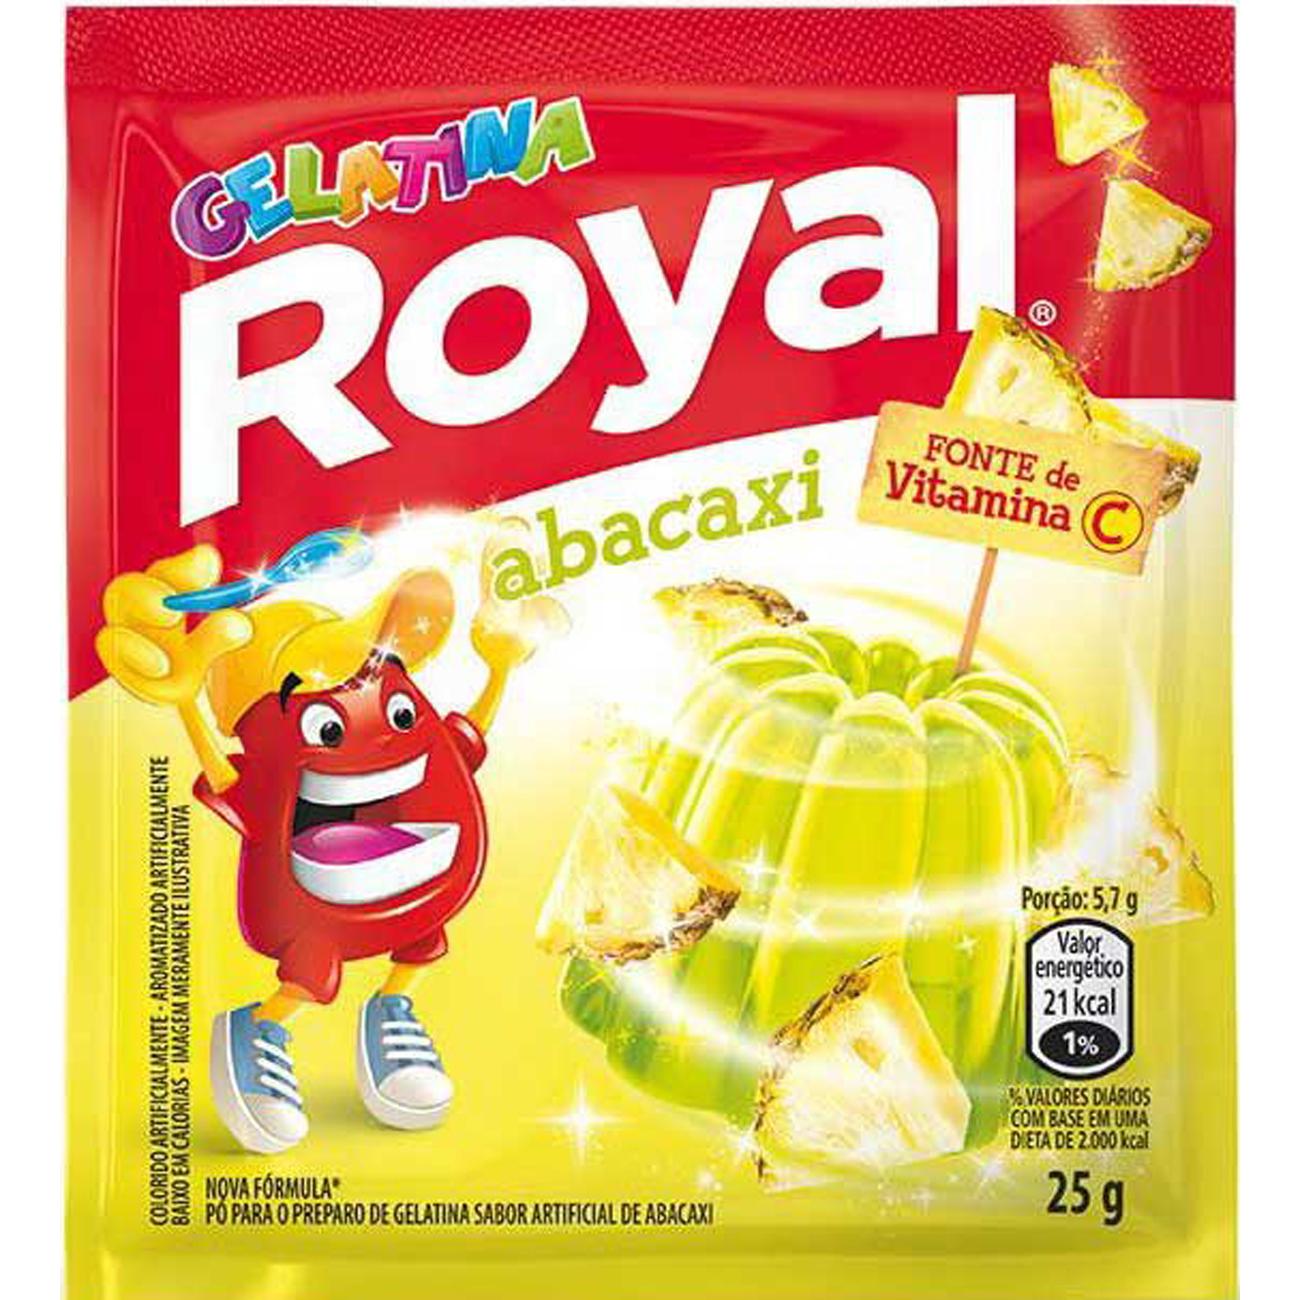 Gelatina Royal Abacaxi 25G